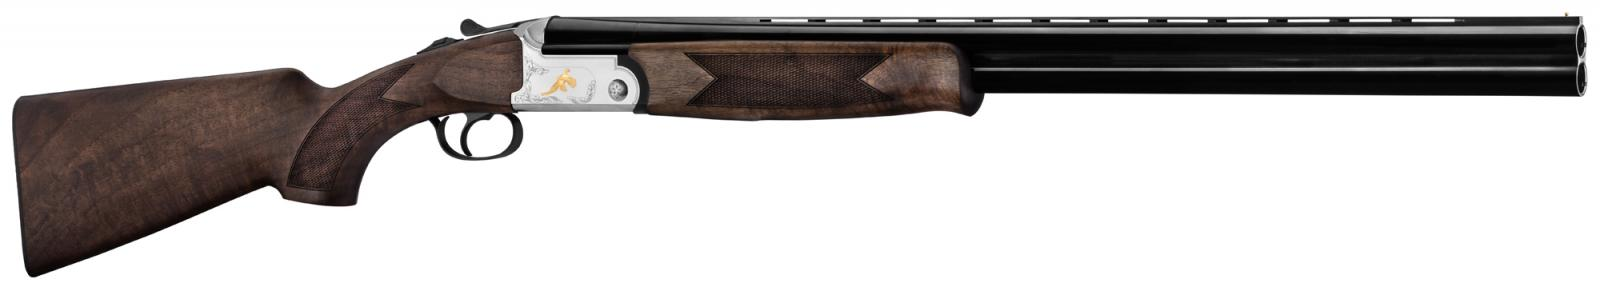 Fusil superposé FAIR PREMIER ERGAL double détente Cal 12/76